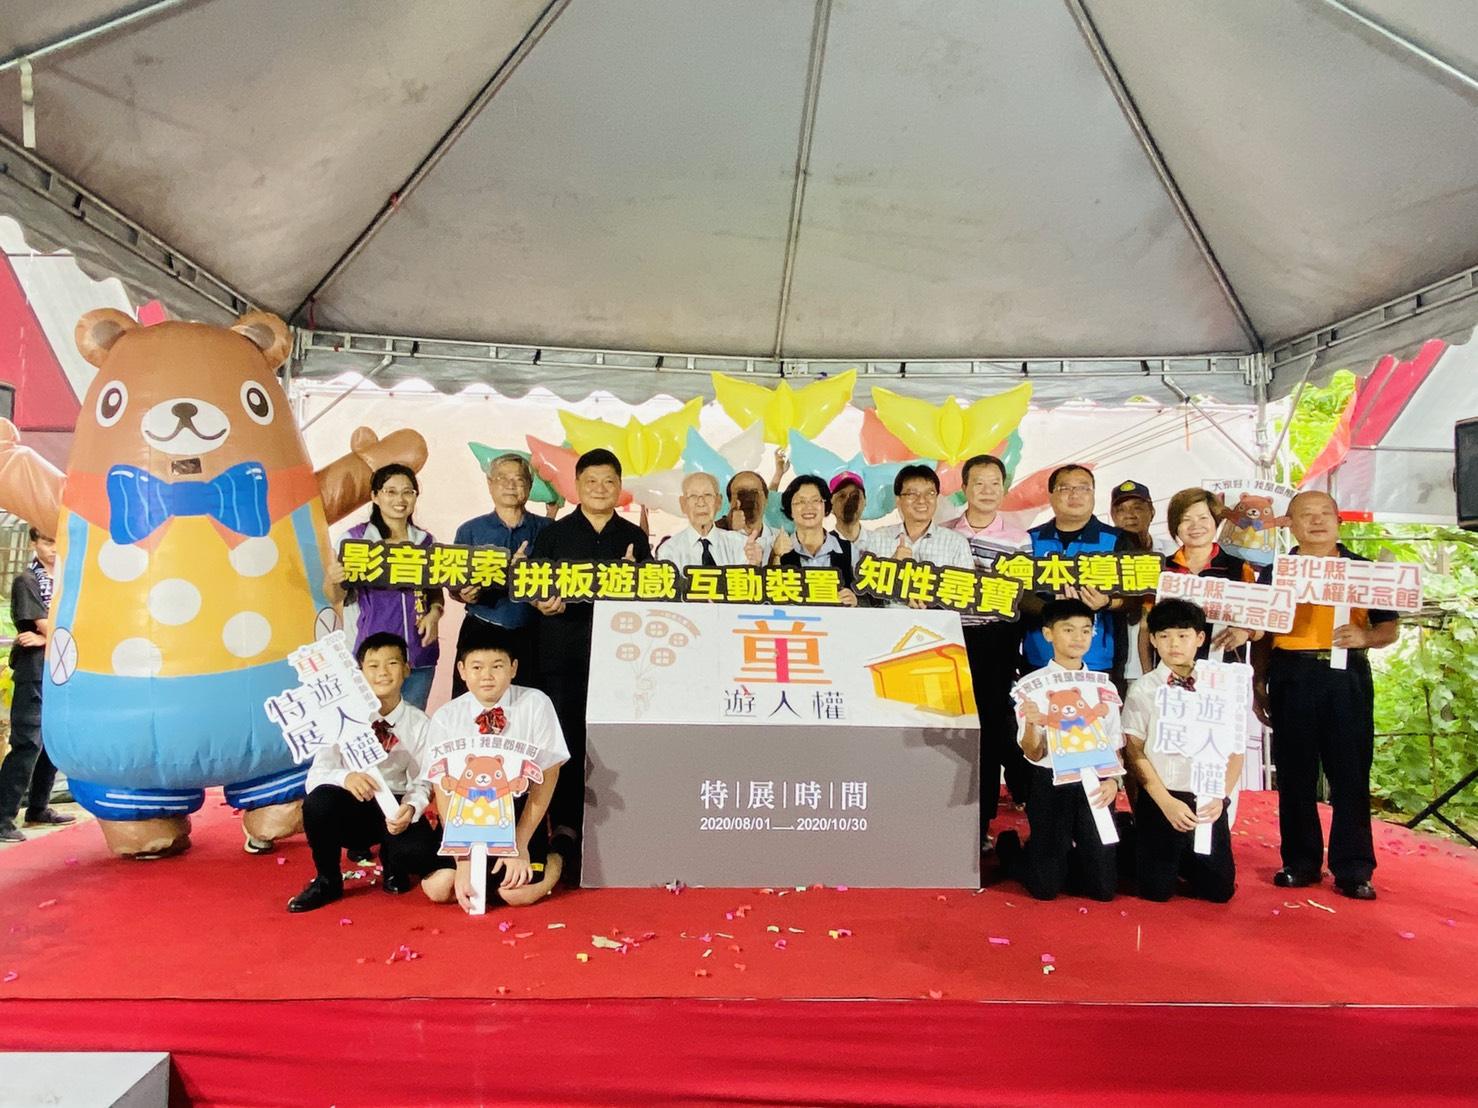 童遊人權特展開幕展至10月30日 歡迎前往彰化縣二二八暨人權紀念館參觀